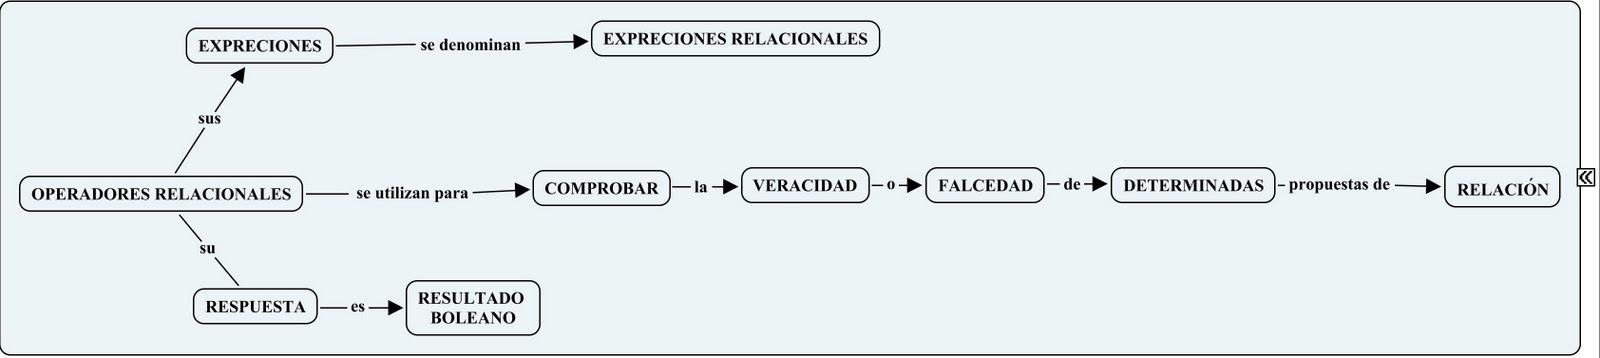 EXCEL: Operadores racionales en excel